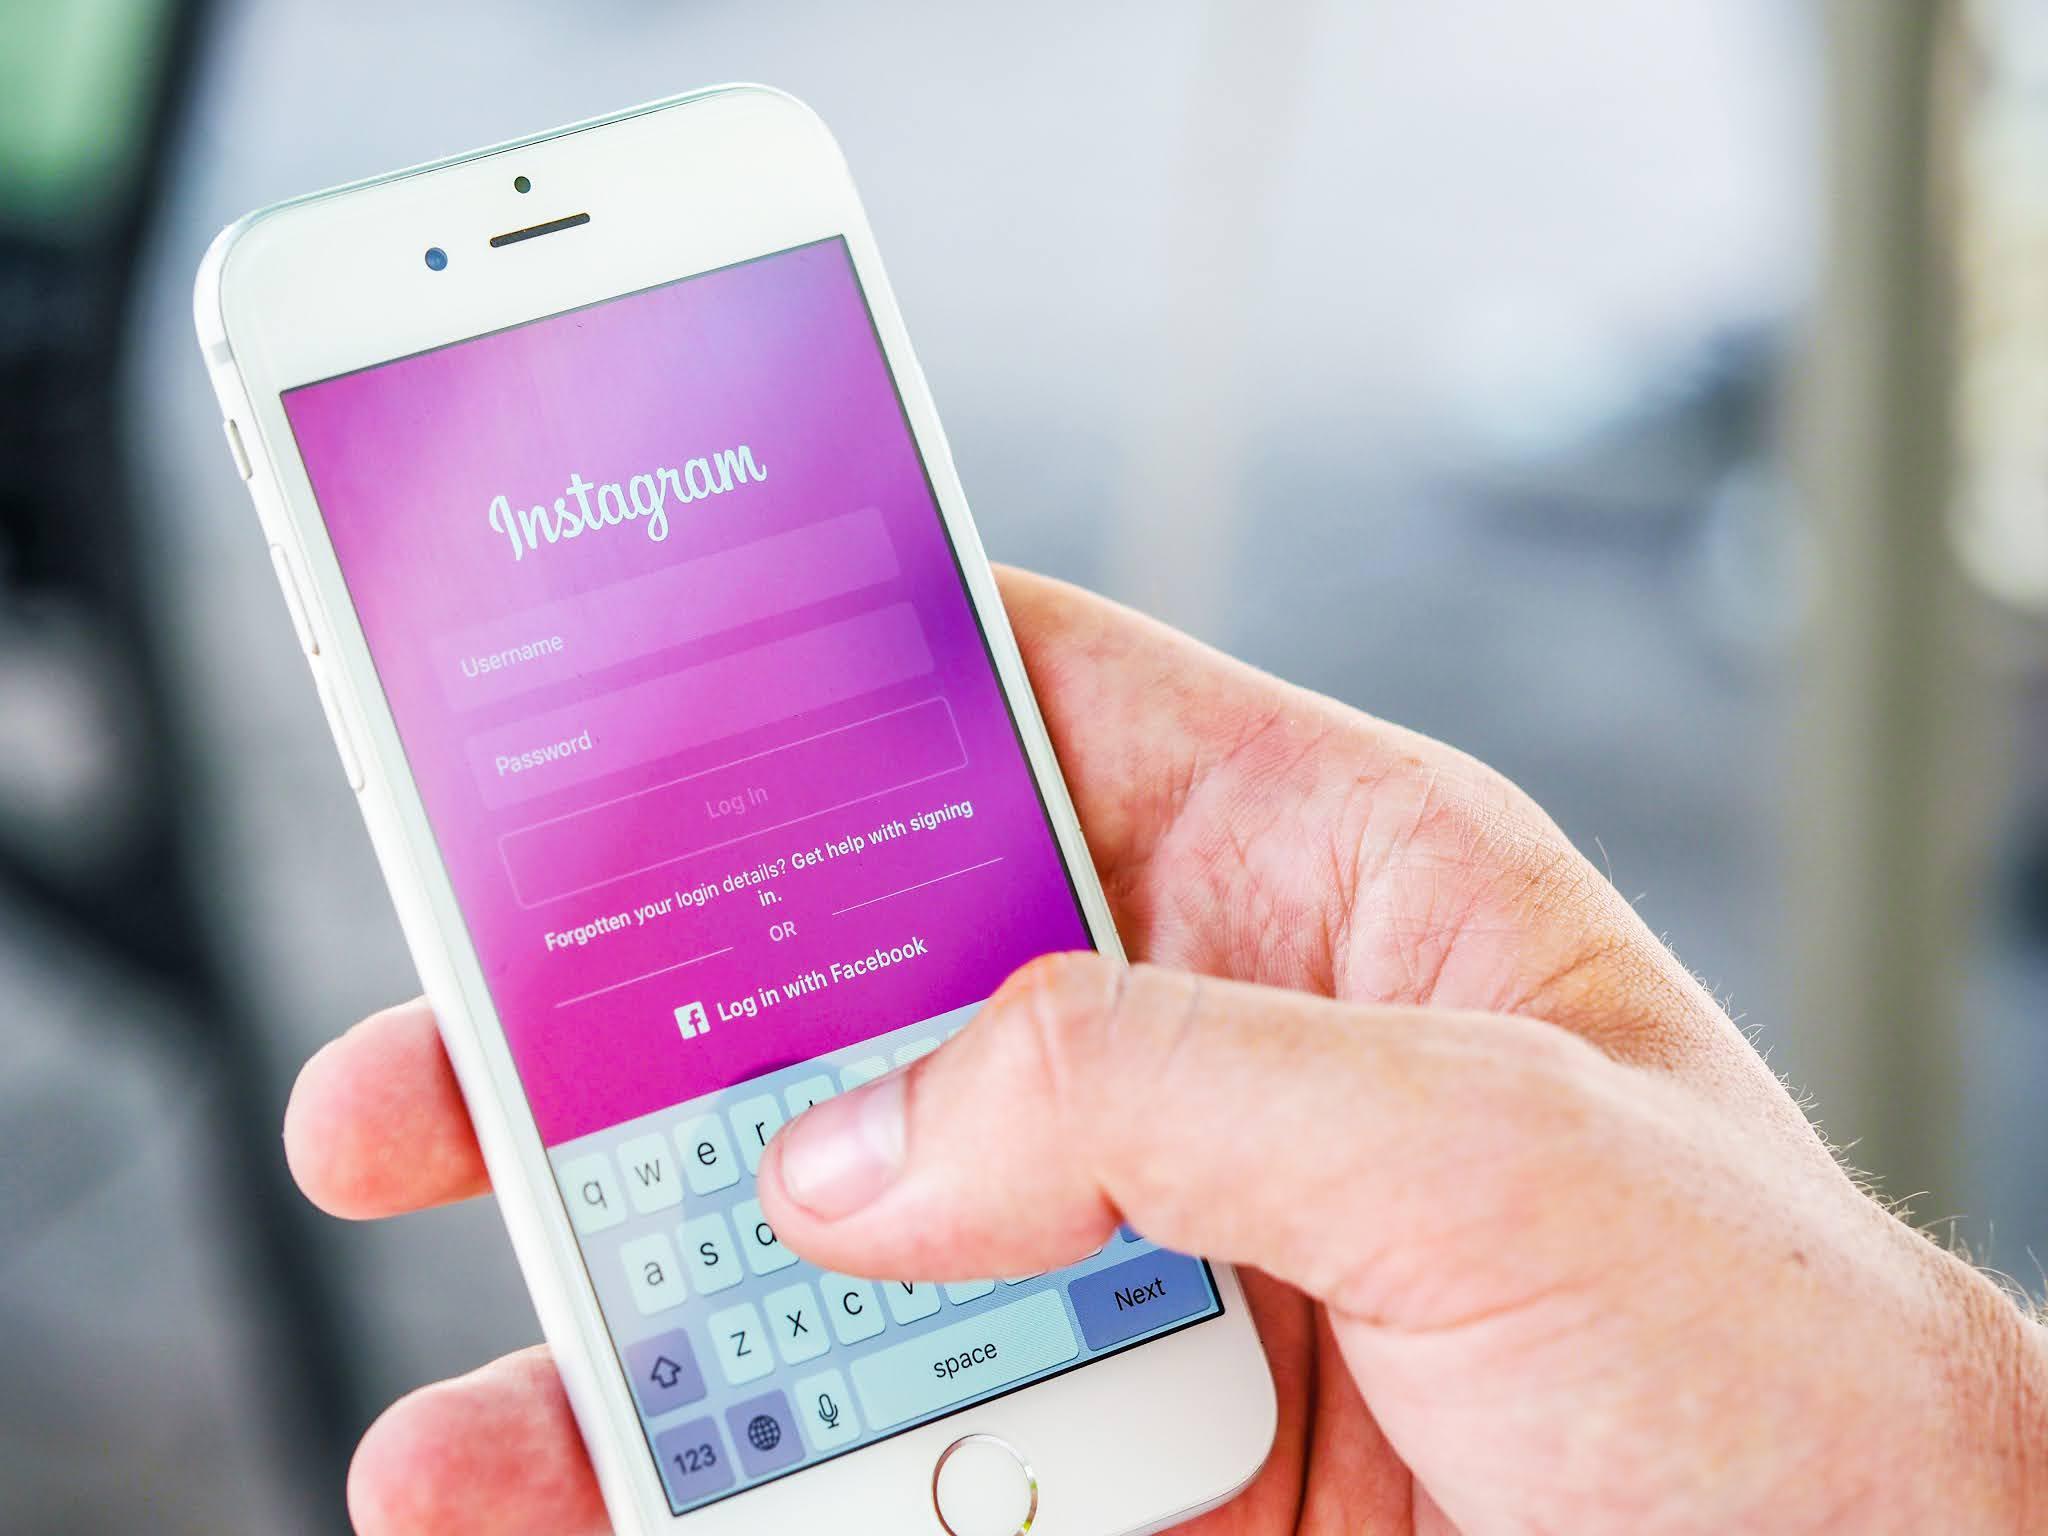 conseguir seguidores no Instagram